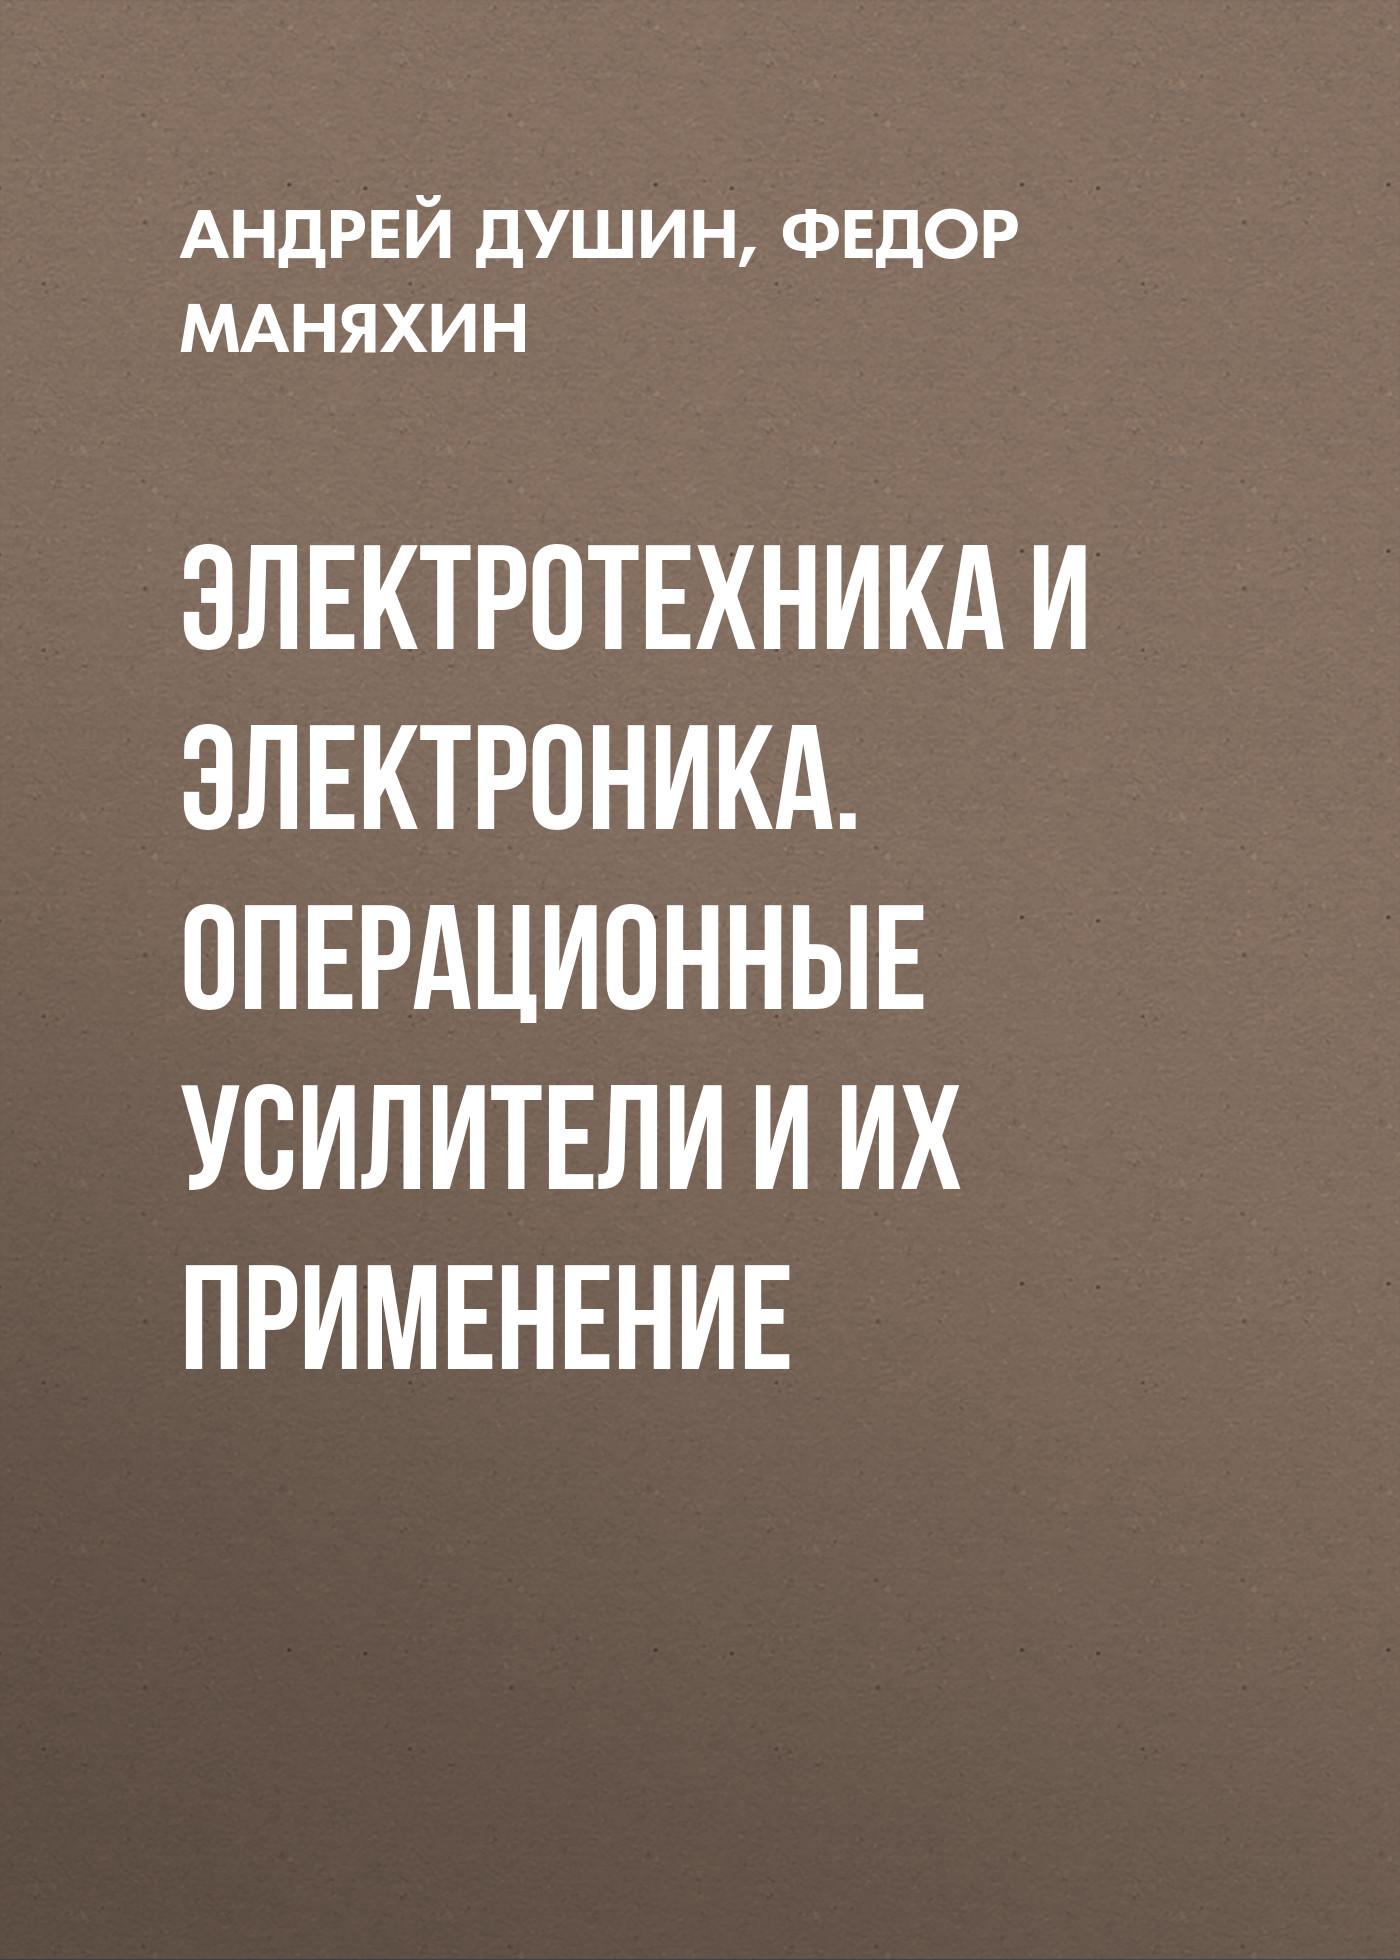 Андрей Душин Электротехника и электроника. Операционные усилители и их применение